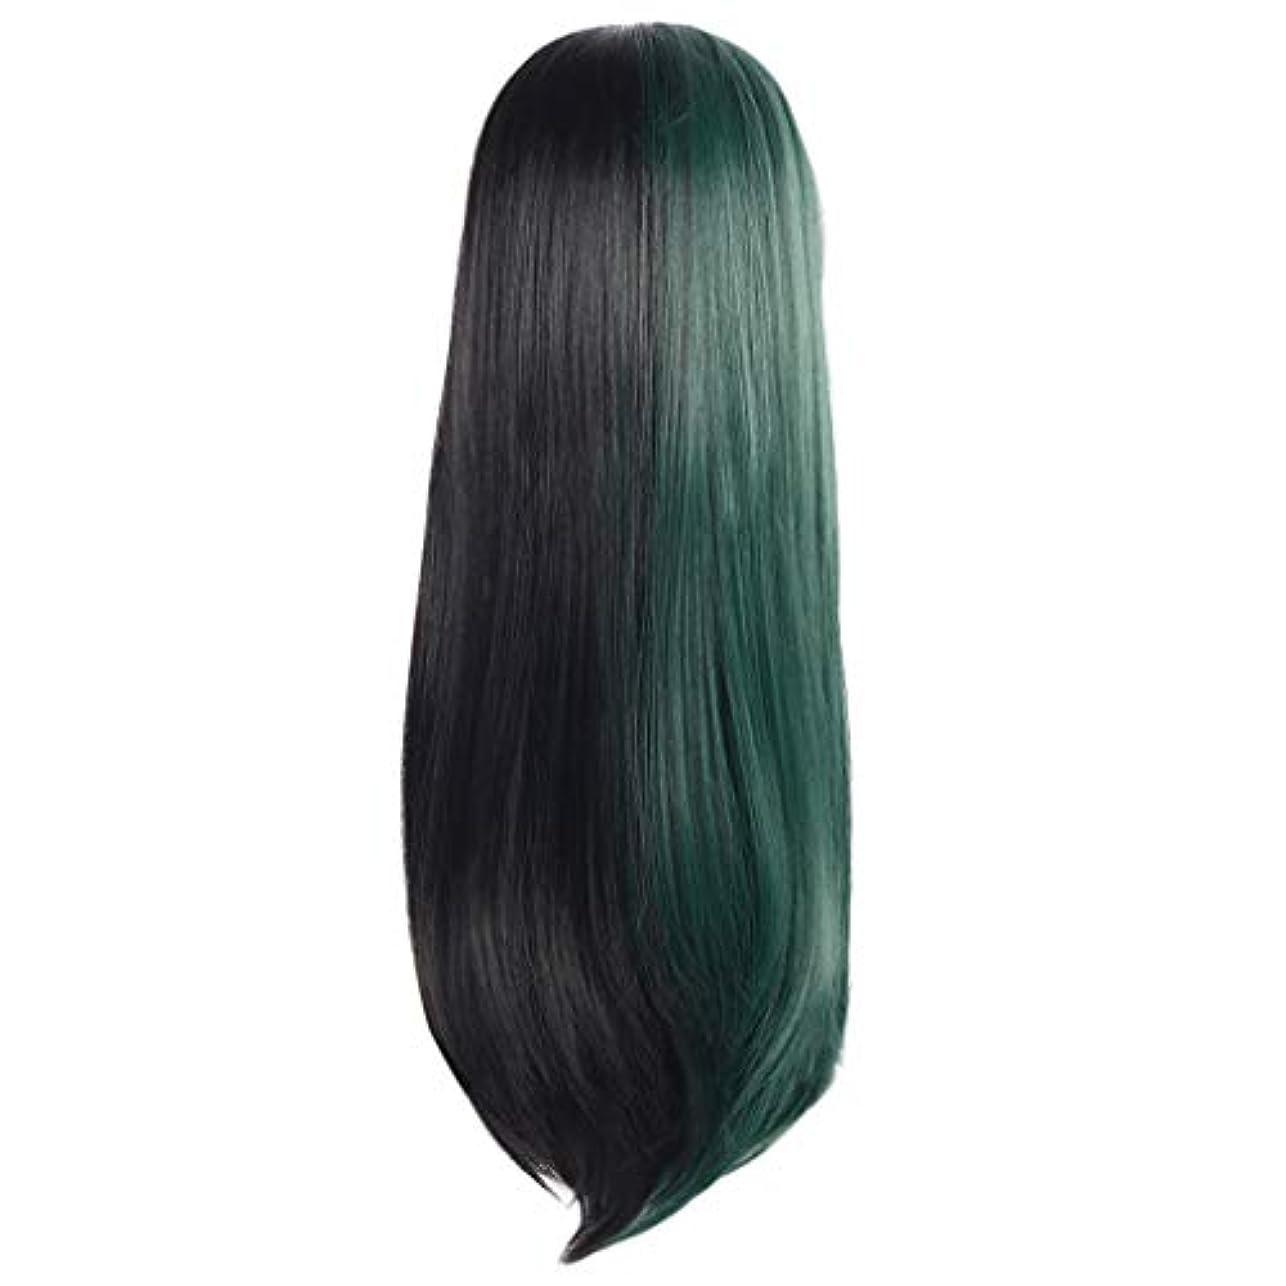 支配する心配する裂け目女性の長いストレートの髪黒緑のかつら創造的な性格かつらローズネット